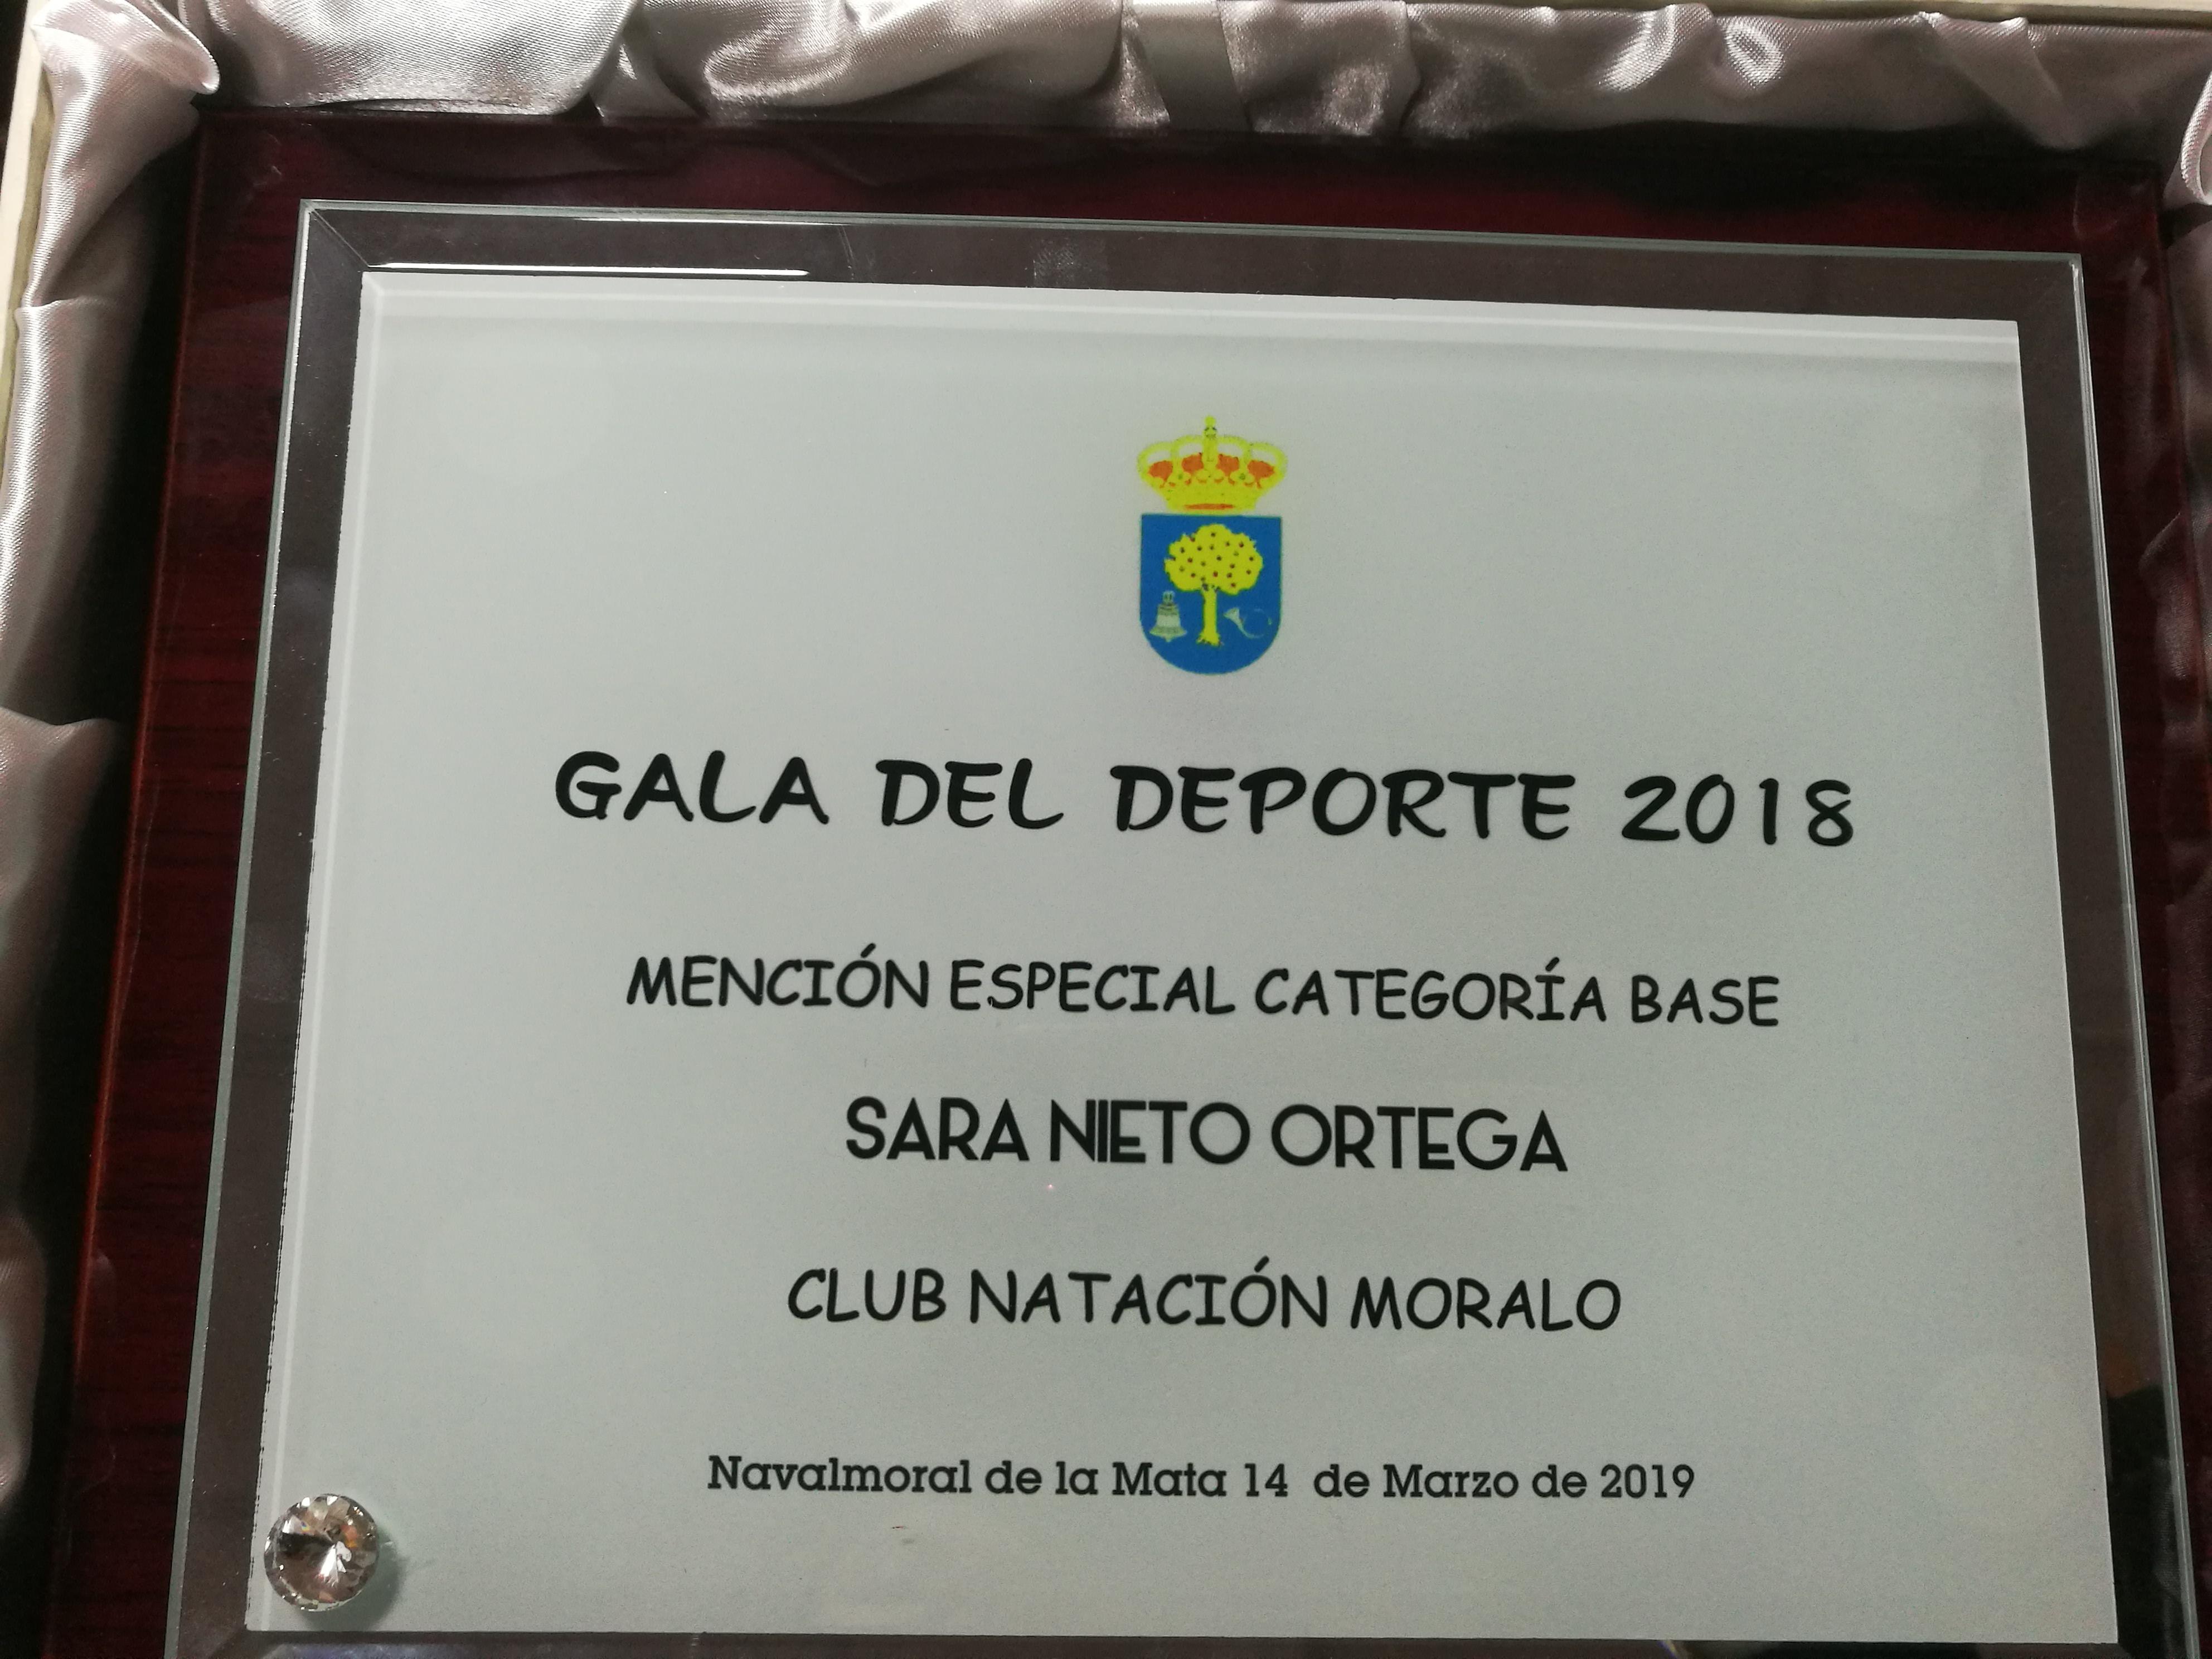 Resumen del Club Natación Moralo en la Gala del Deporte Moralo 2018